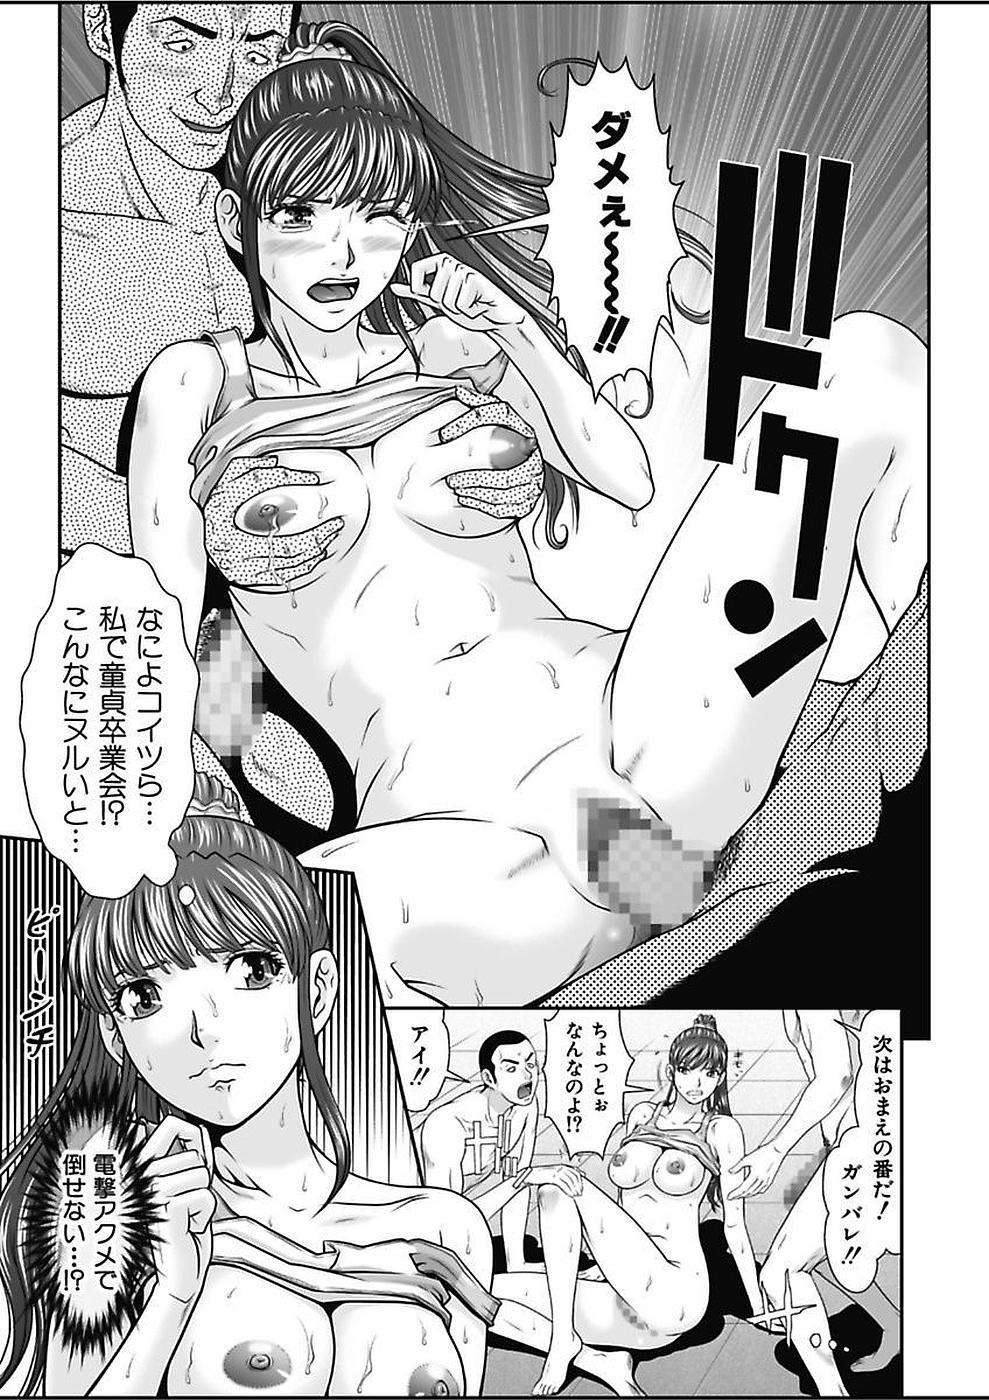 [Kurono Masakado] Dengeki Zecchou! Hihoujima ~Chikyuu no Oku ni Sasowarete~ Joukan 48